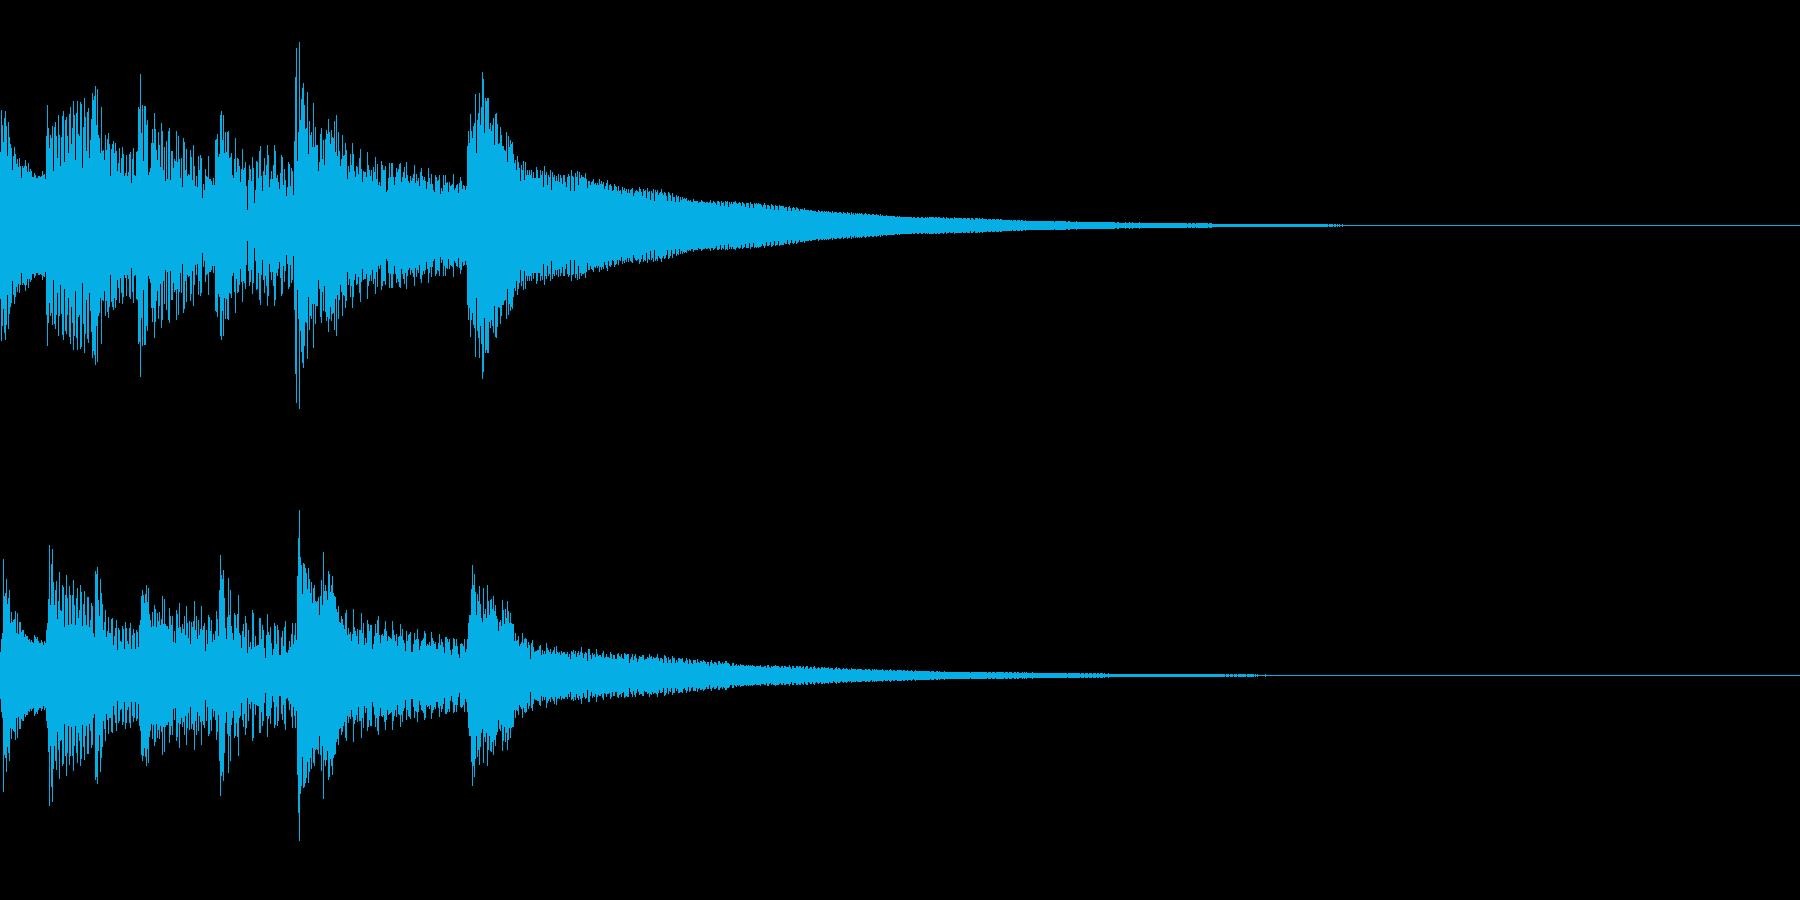 木琴とクラクションの場面転換ジングルの再生済みの波形